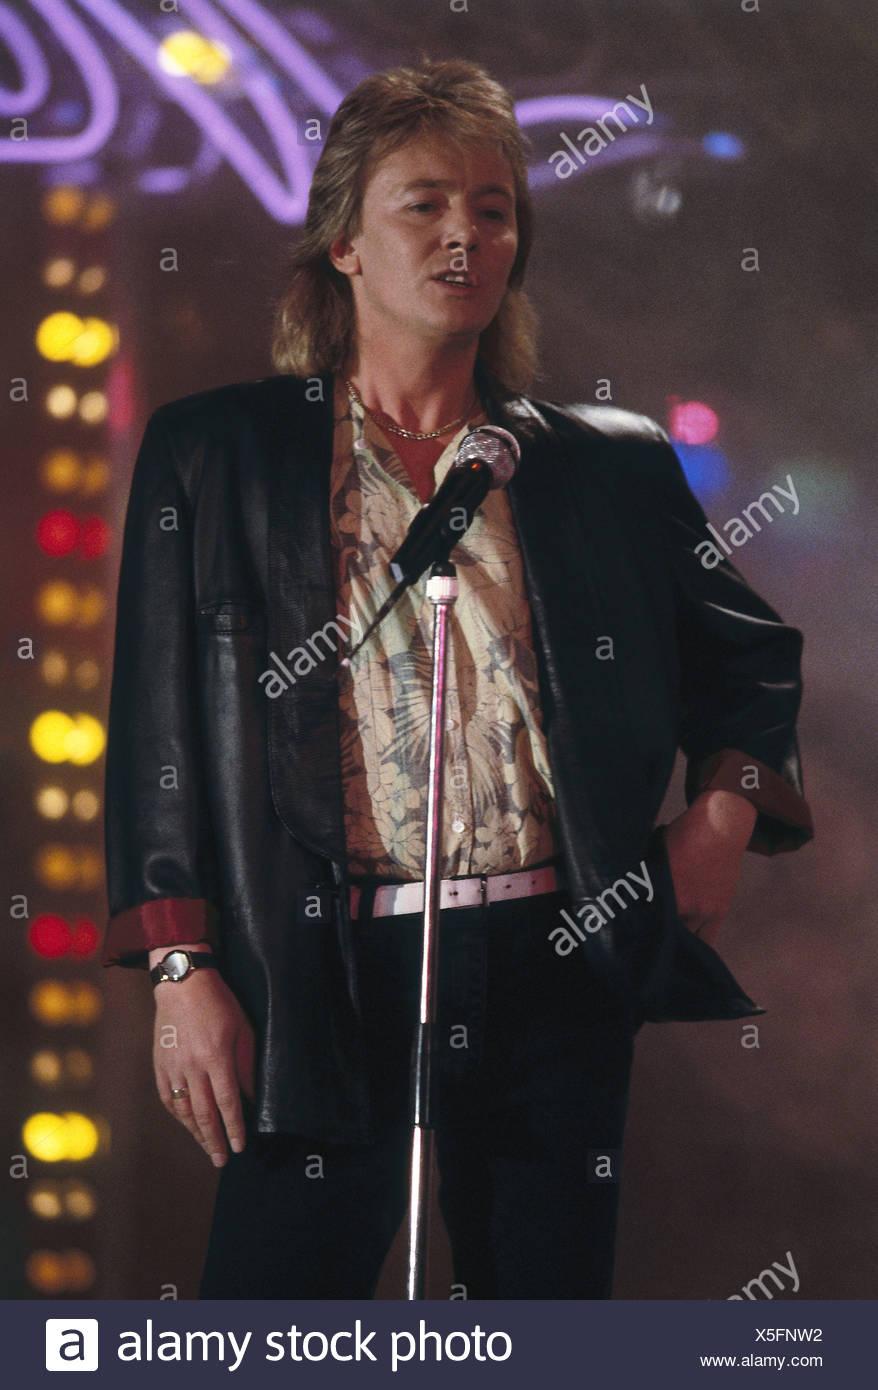 Norman, Chris, * 25.10.1950, Britische Sängerin, halbe Länge, auf der Bühne, 1990 s, Additional-Rights-Spiel-NA Stockbild